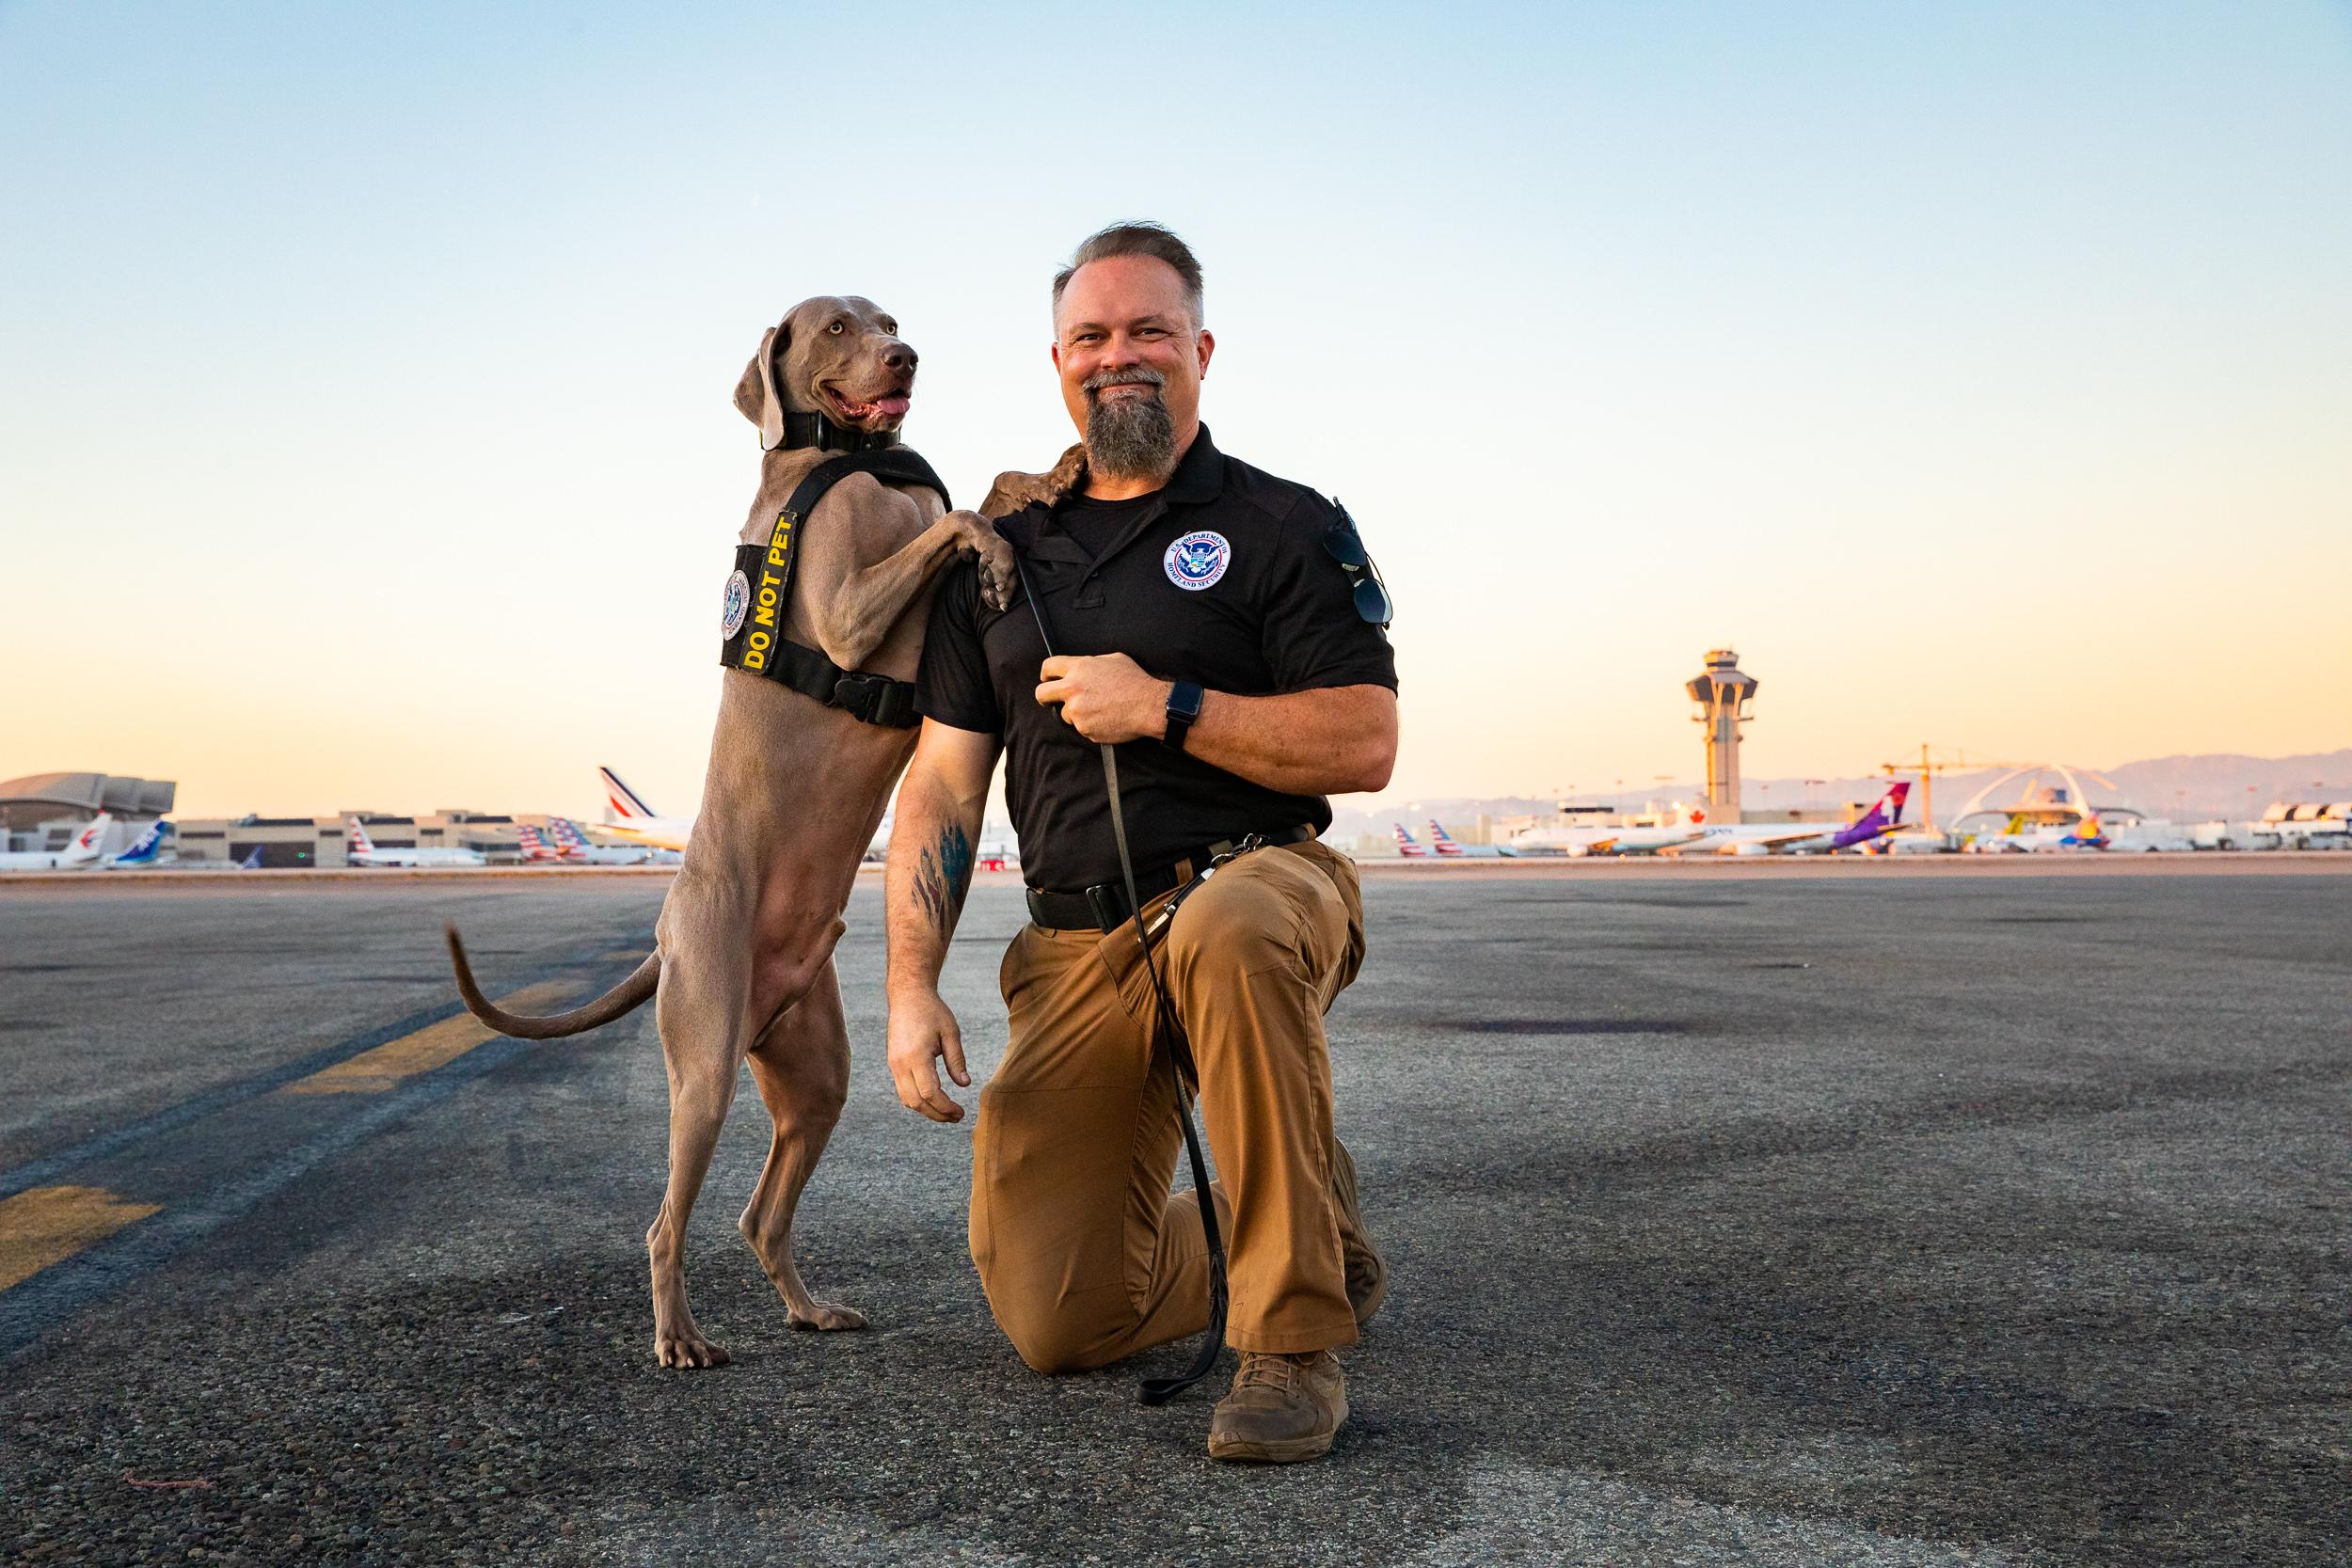 Tara Parekh TSA Canine LAX Photographs-10.jpg